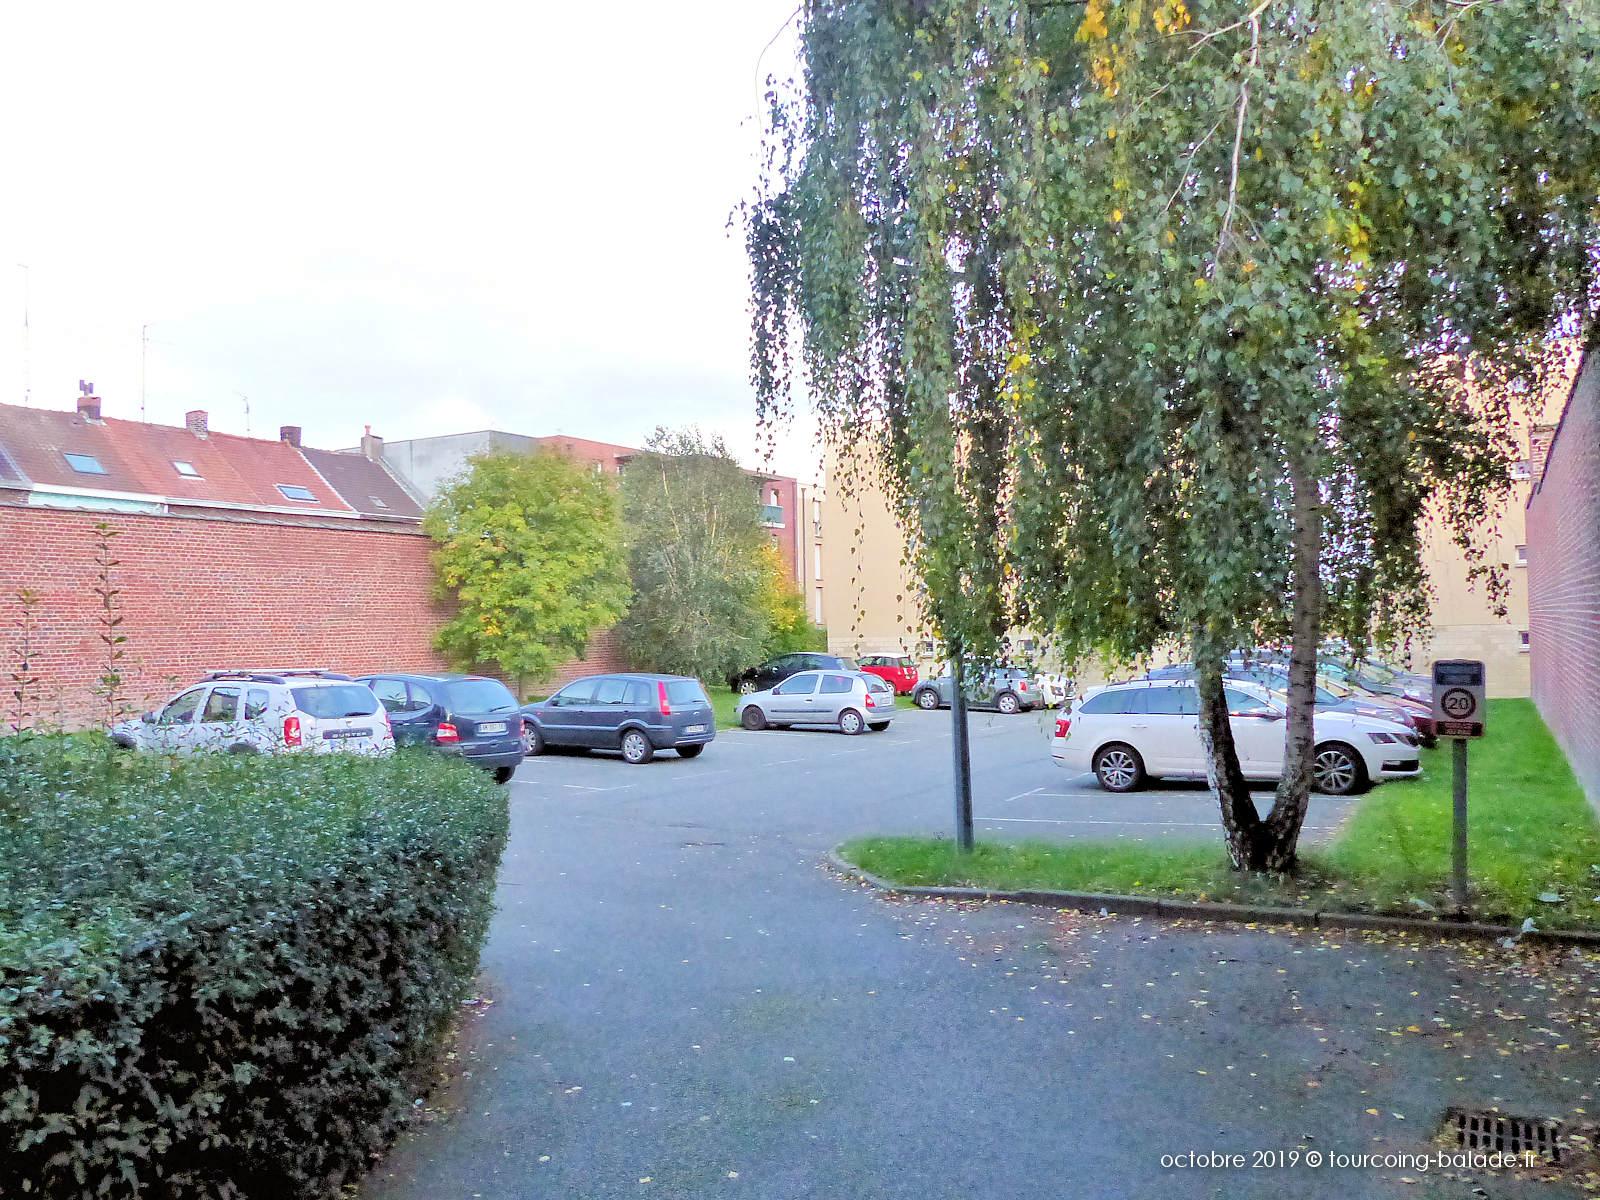 Appartements Tourcoing - Résidence Jacques Prévert, Parking